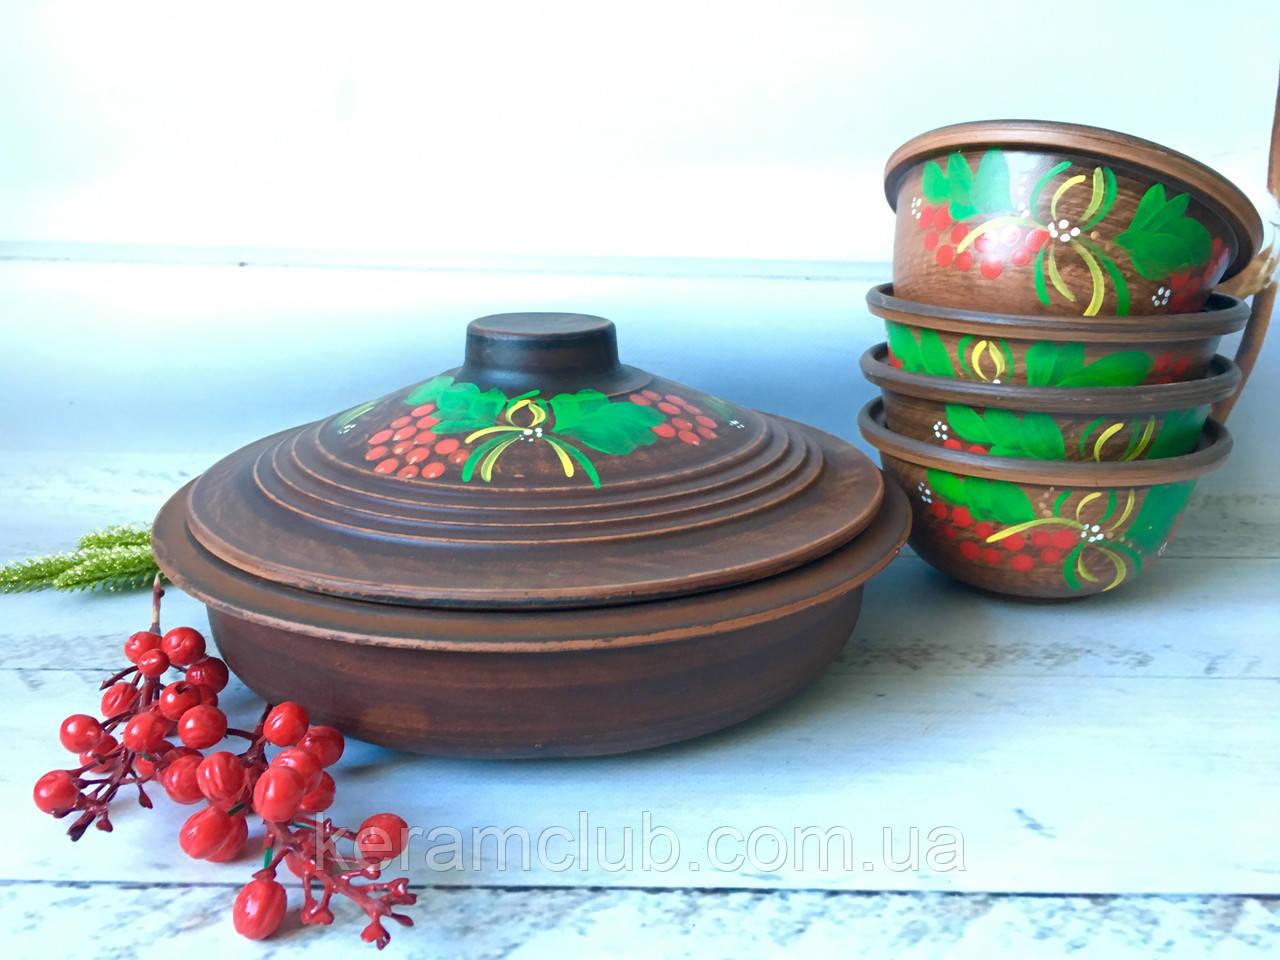 Керамический набор из красной глины сковорода и 4 пиалы с рисунком